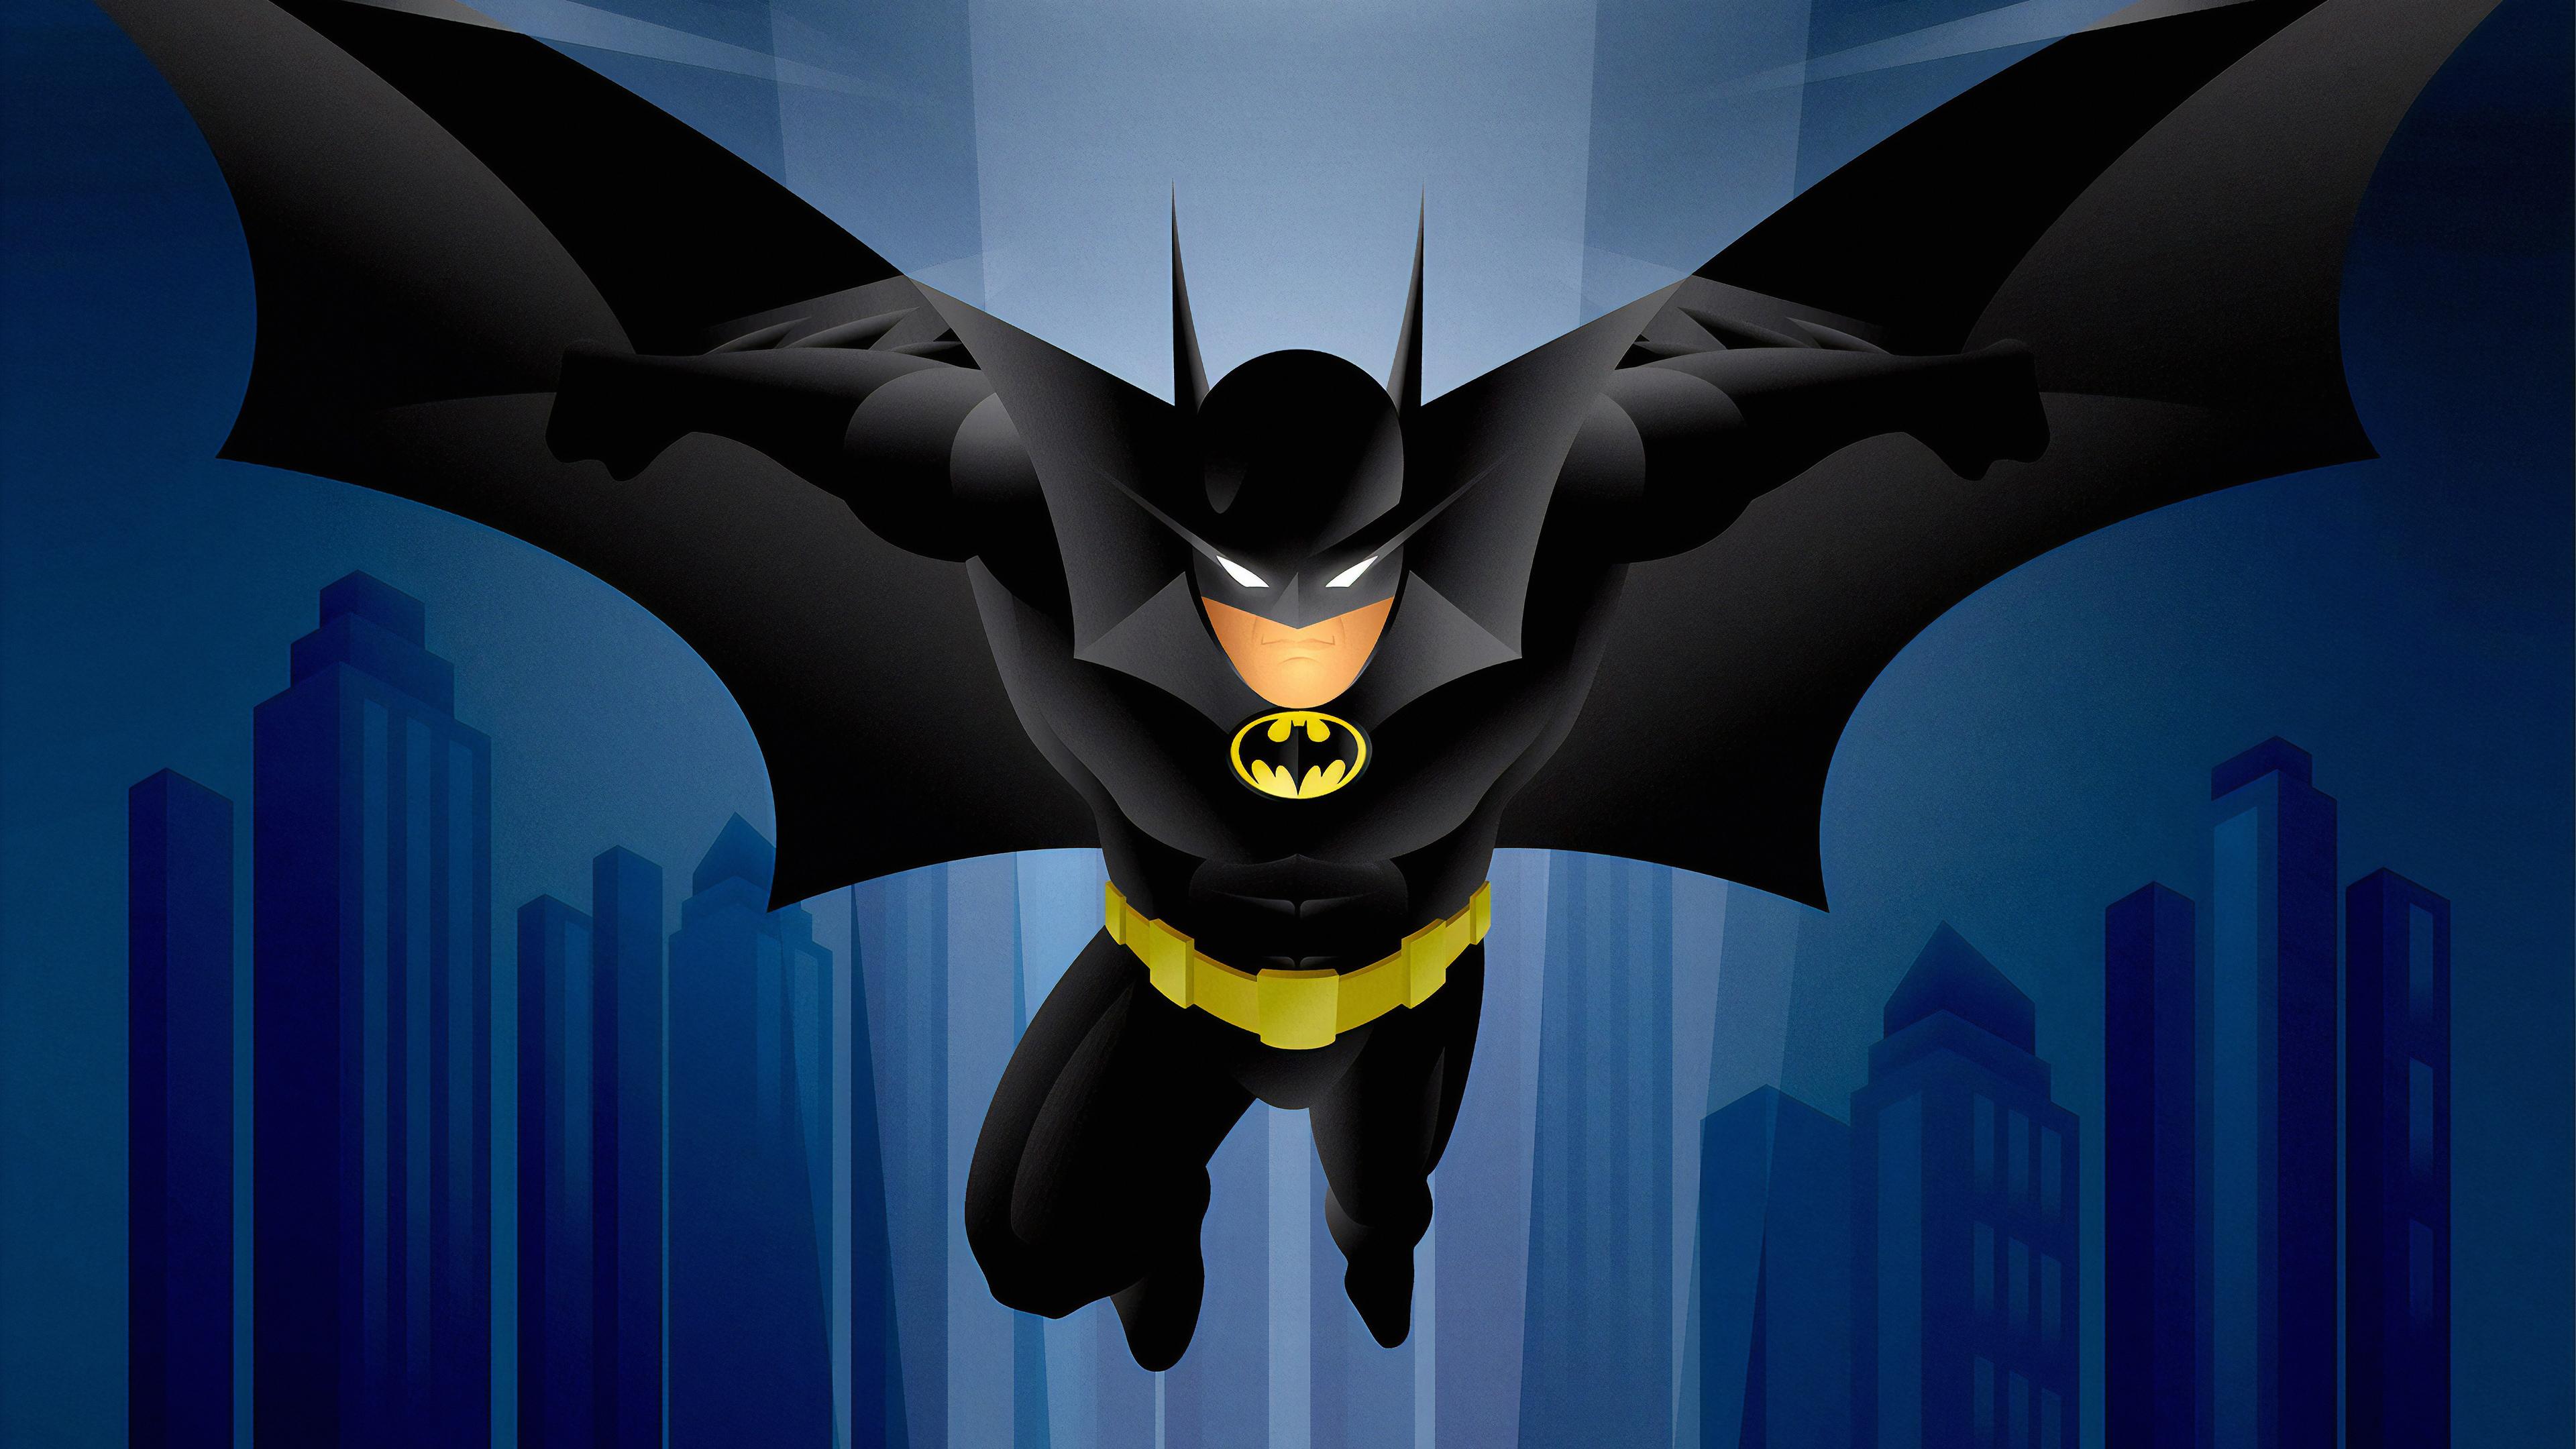 batman sketch art 1570394428 - Batman Sketch Art - superheroes wallpapers, hd-wallpapers, digital art wallpapers, behance wallpapers, batman wallpapers, artwork wallpapers, 4k-wallpapers